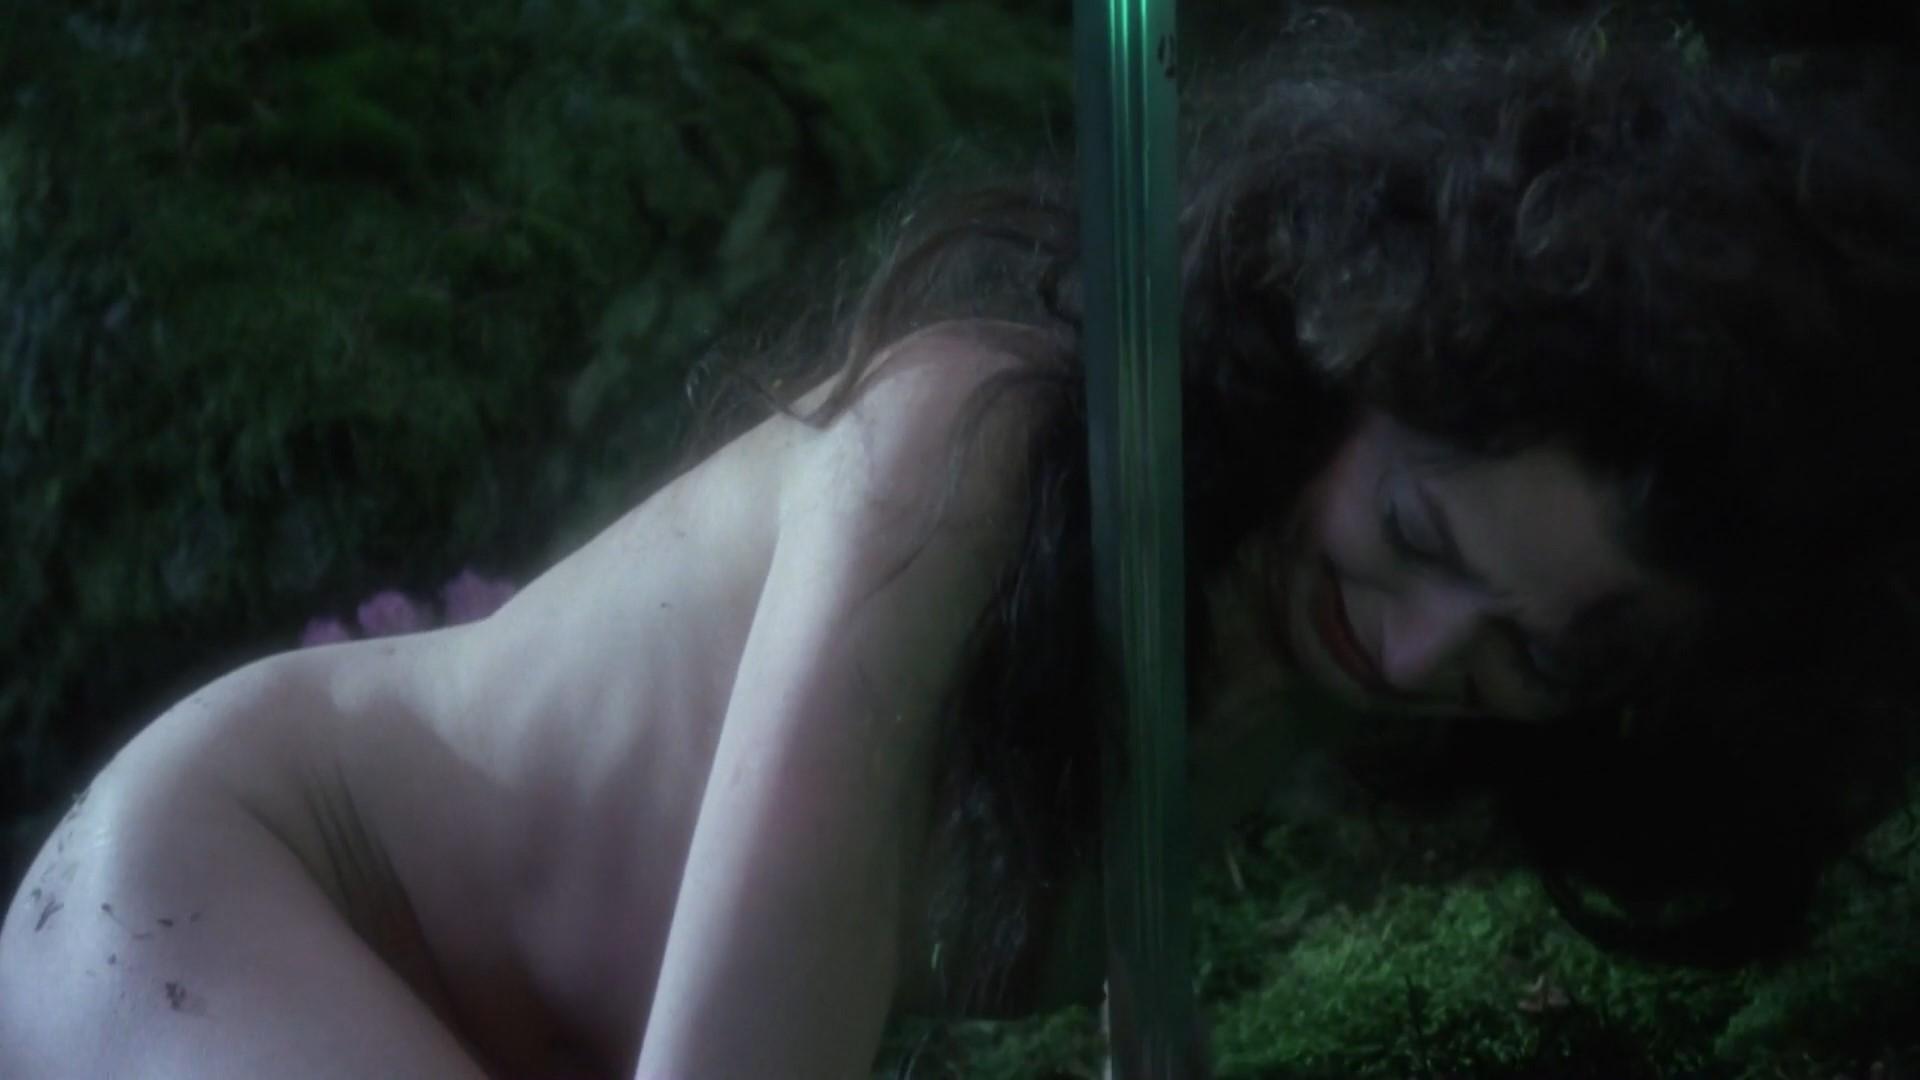 Excalibur Movie Sex Scene watch online - cherie lunghi, katrine boorman, helen mirren